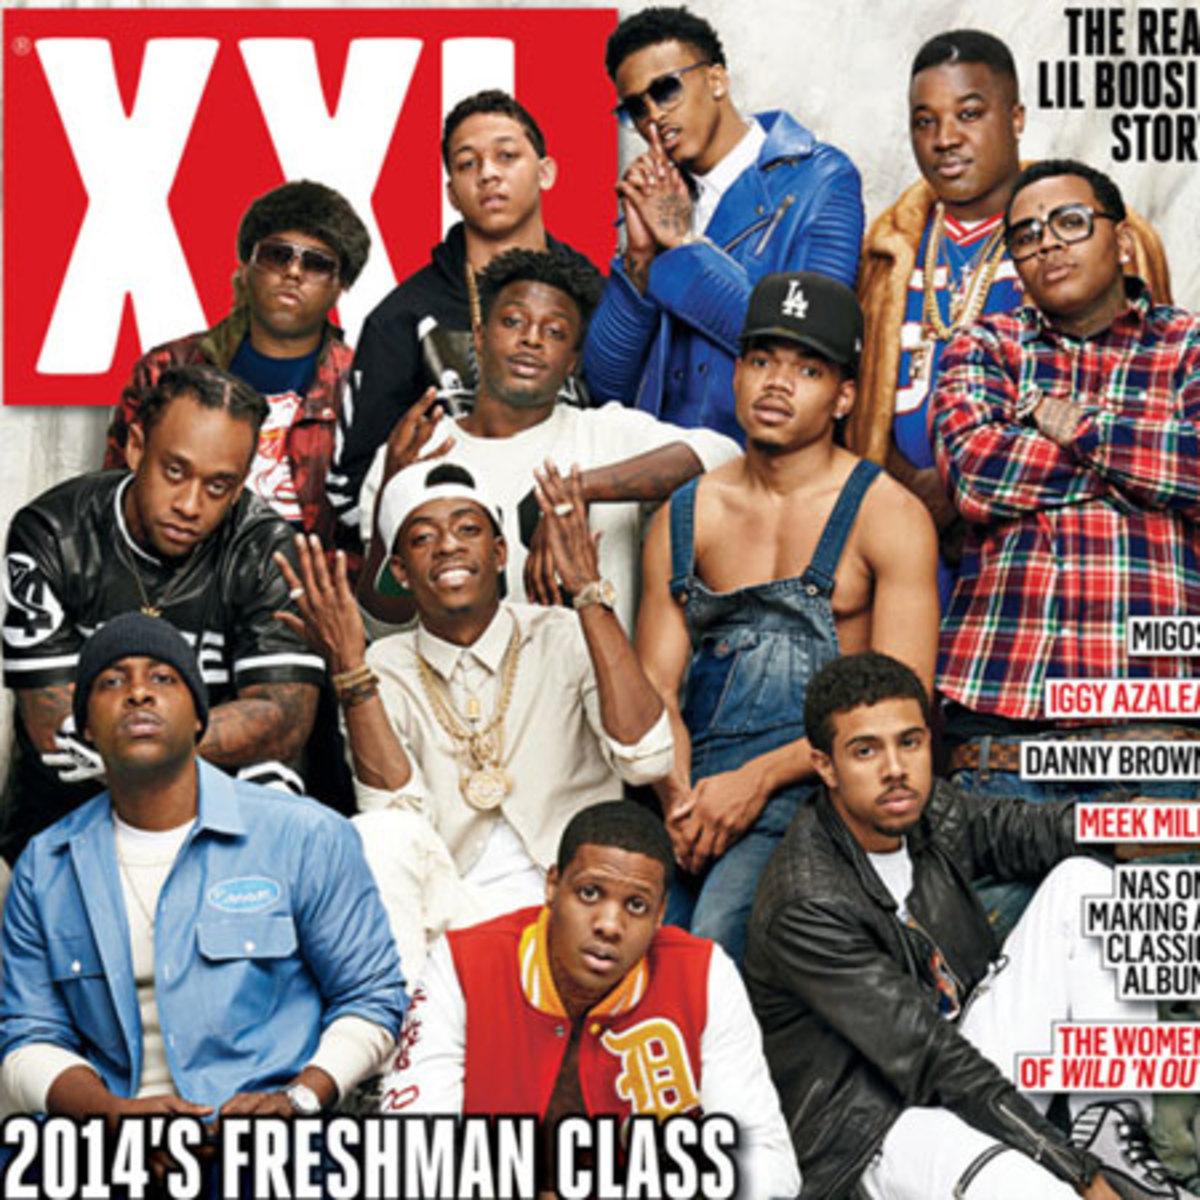 xxl-freshmen-2014.jpg